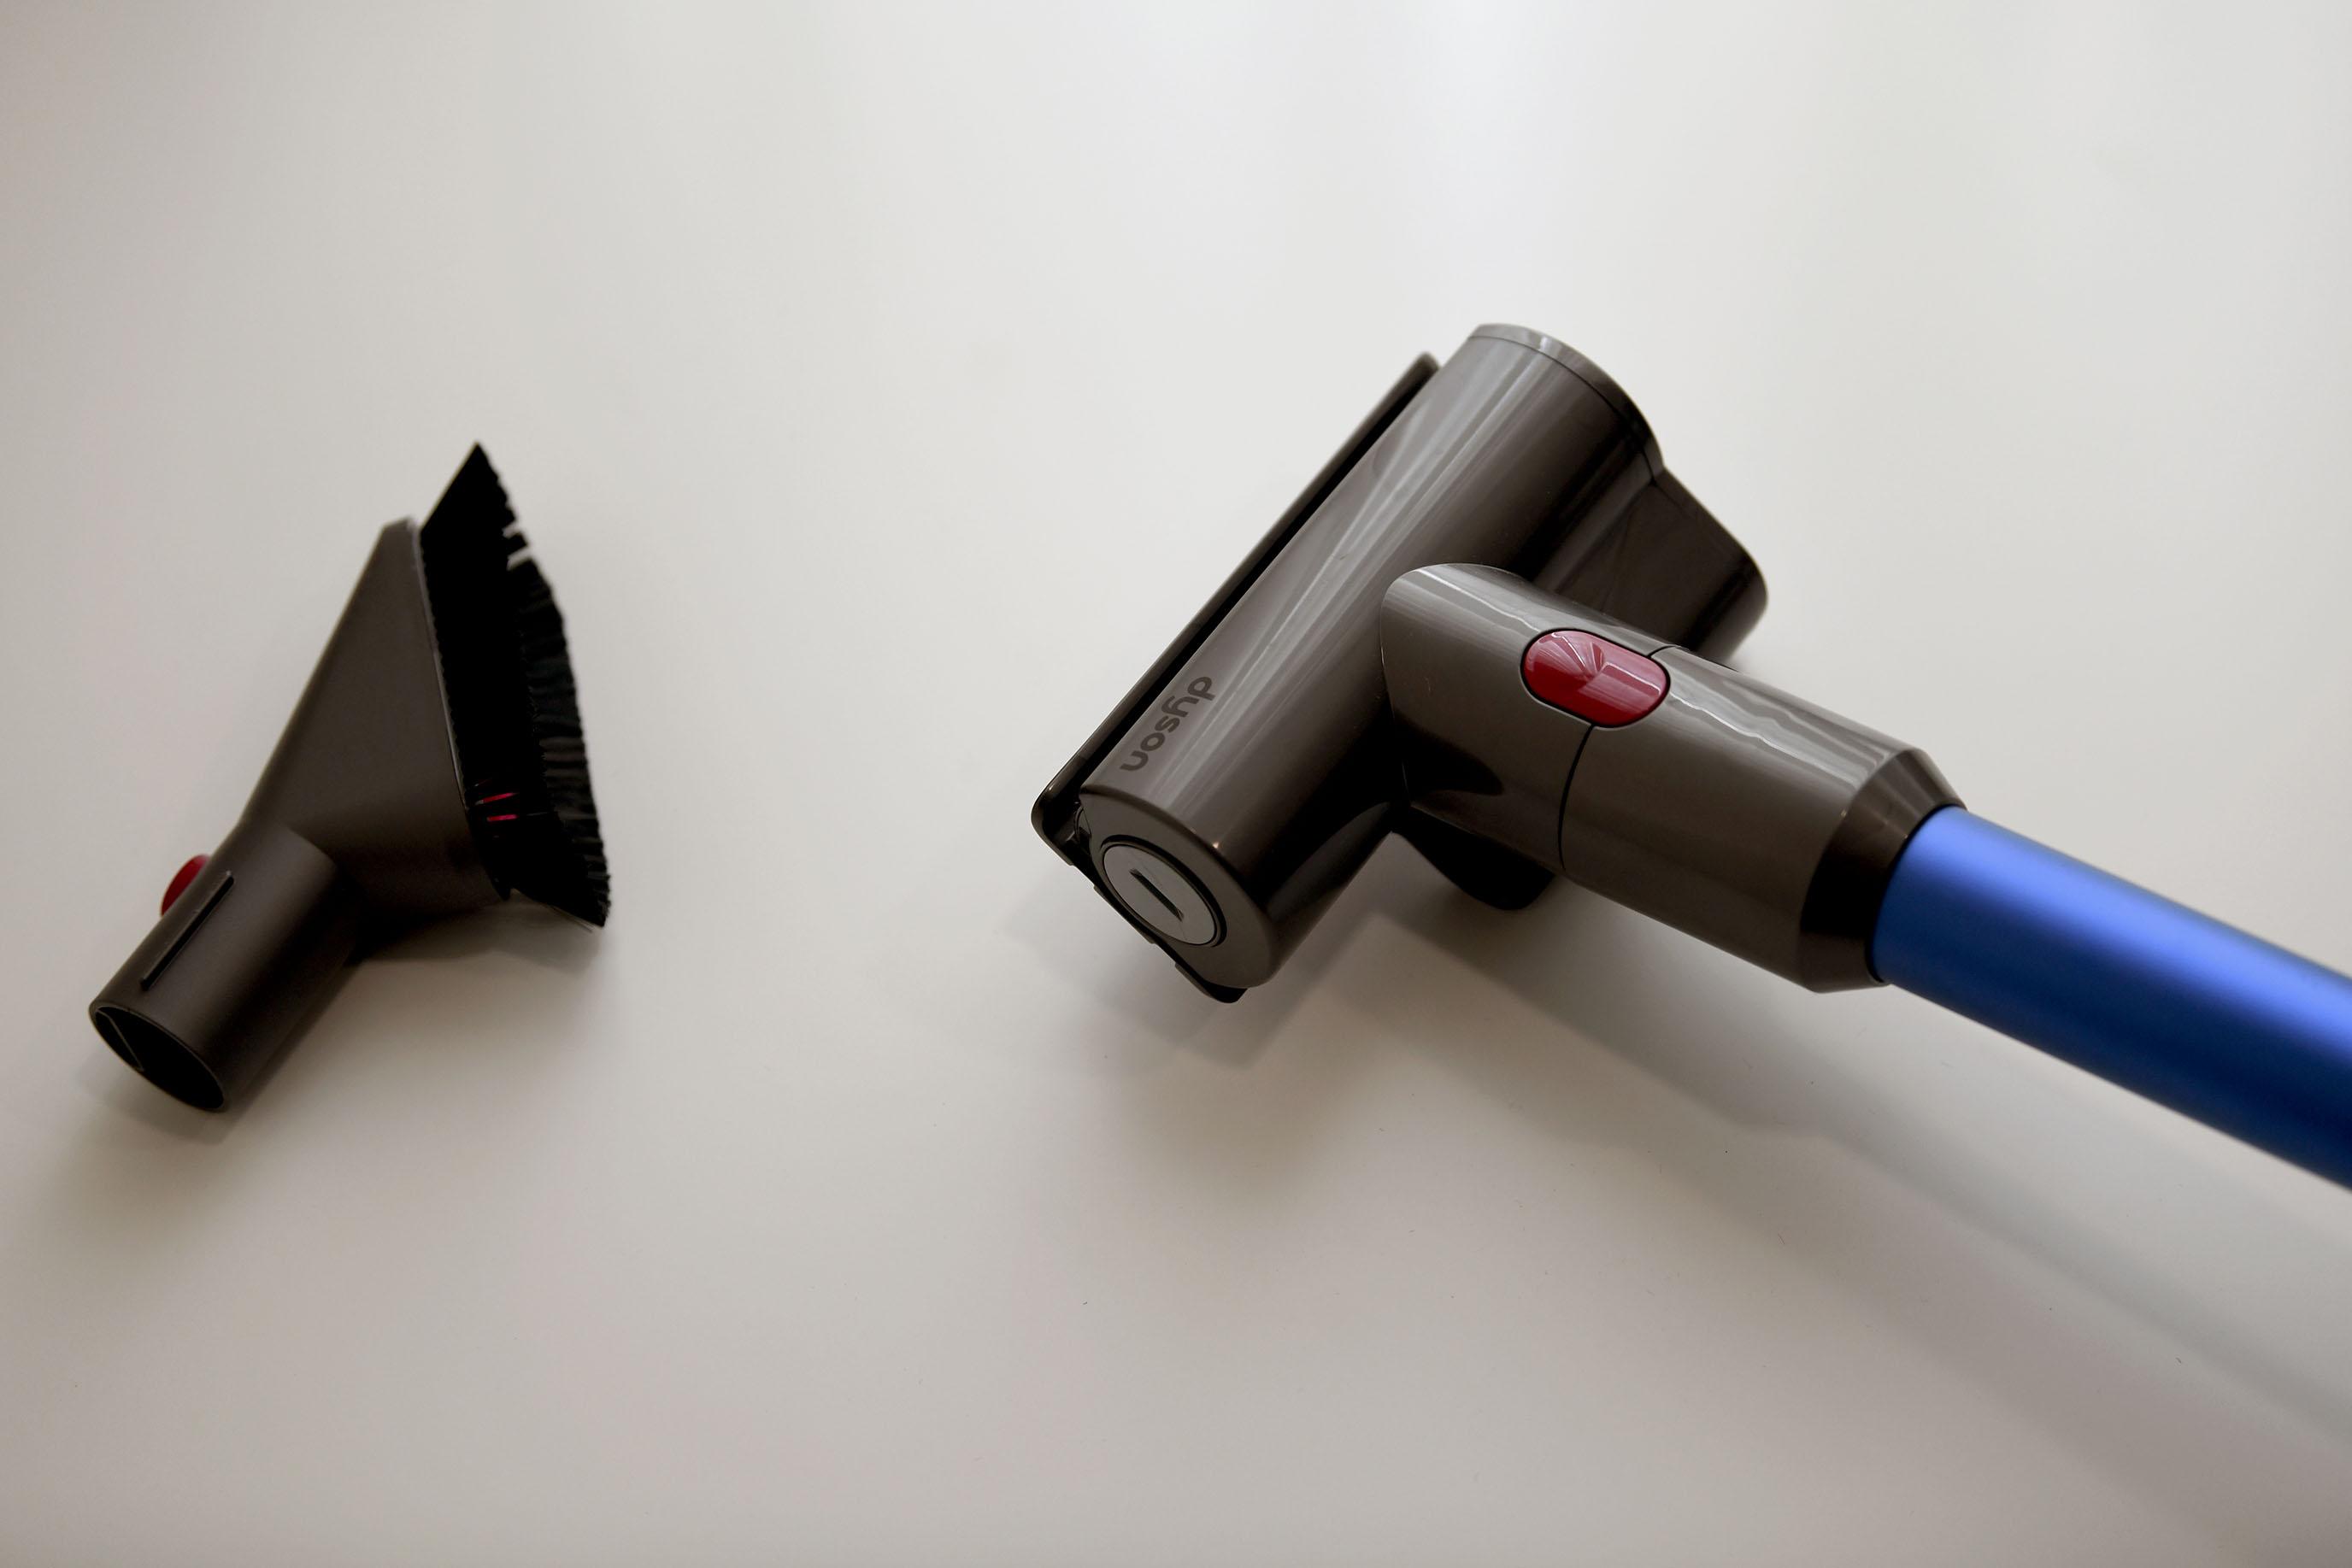 Dyson V11 Absolute  |滿足細節控的清潔日常,我用簡單,實現美好。